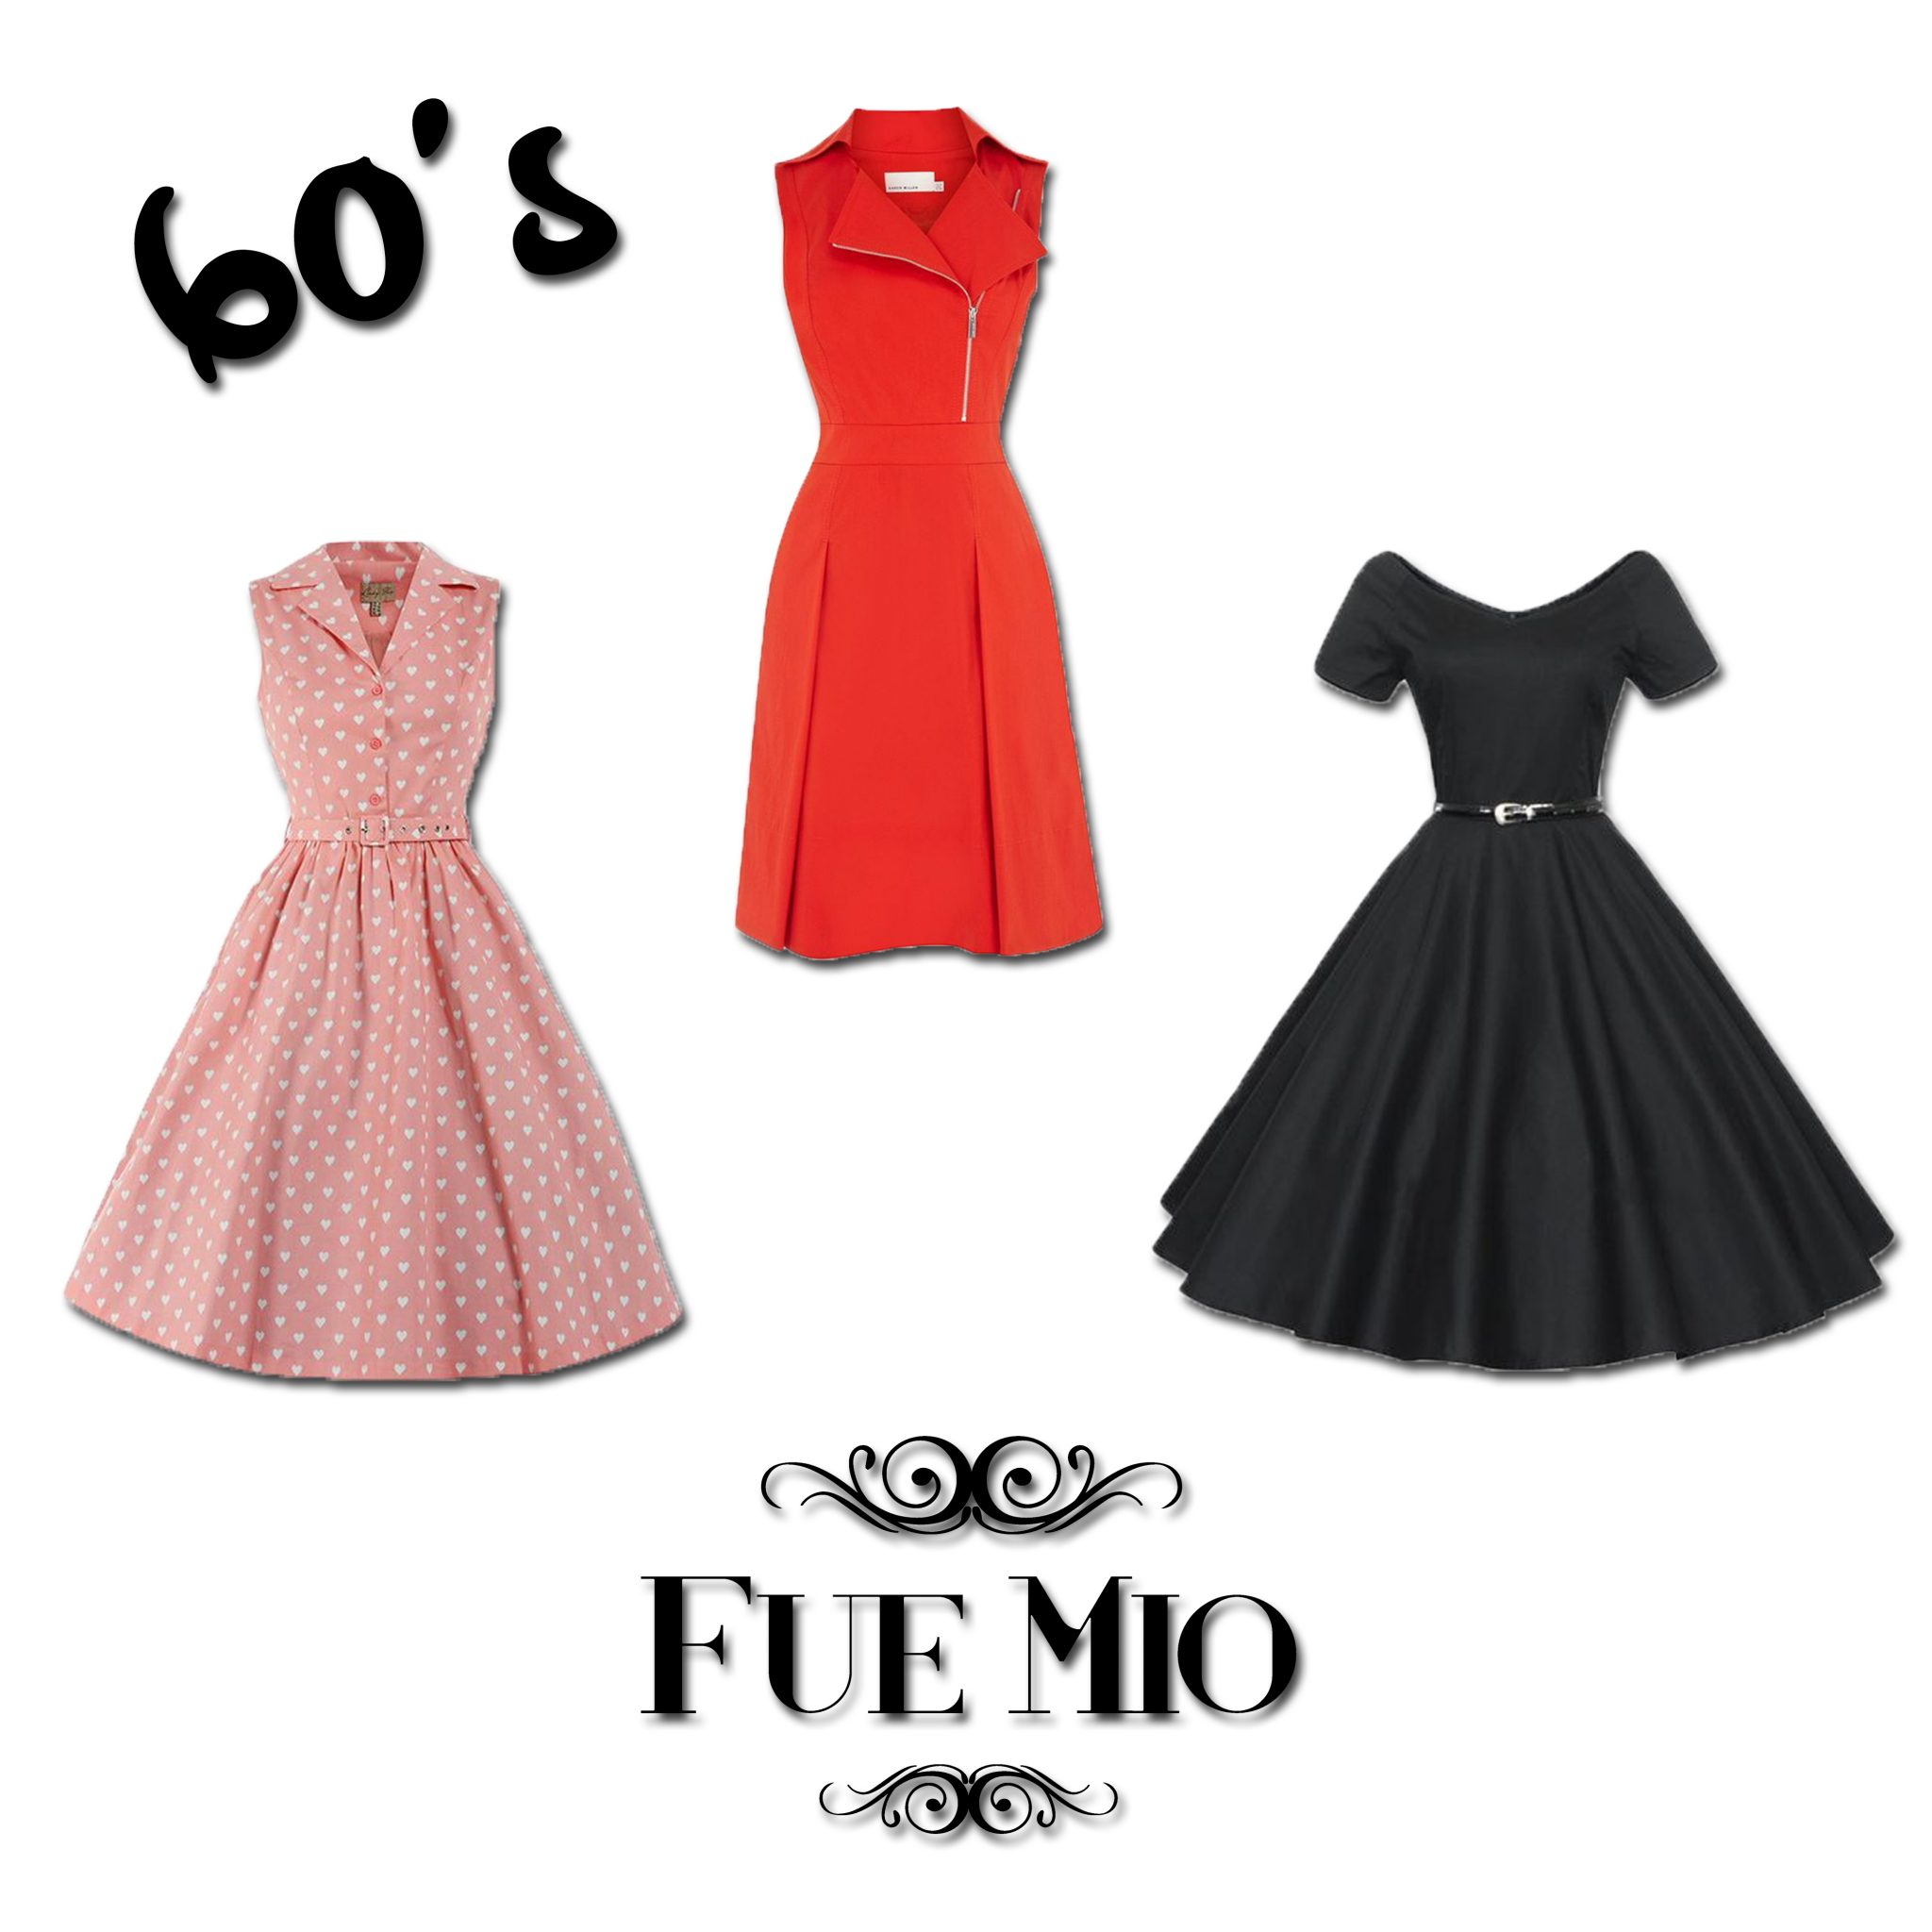 fue mio vintage vestidos 60's